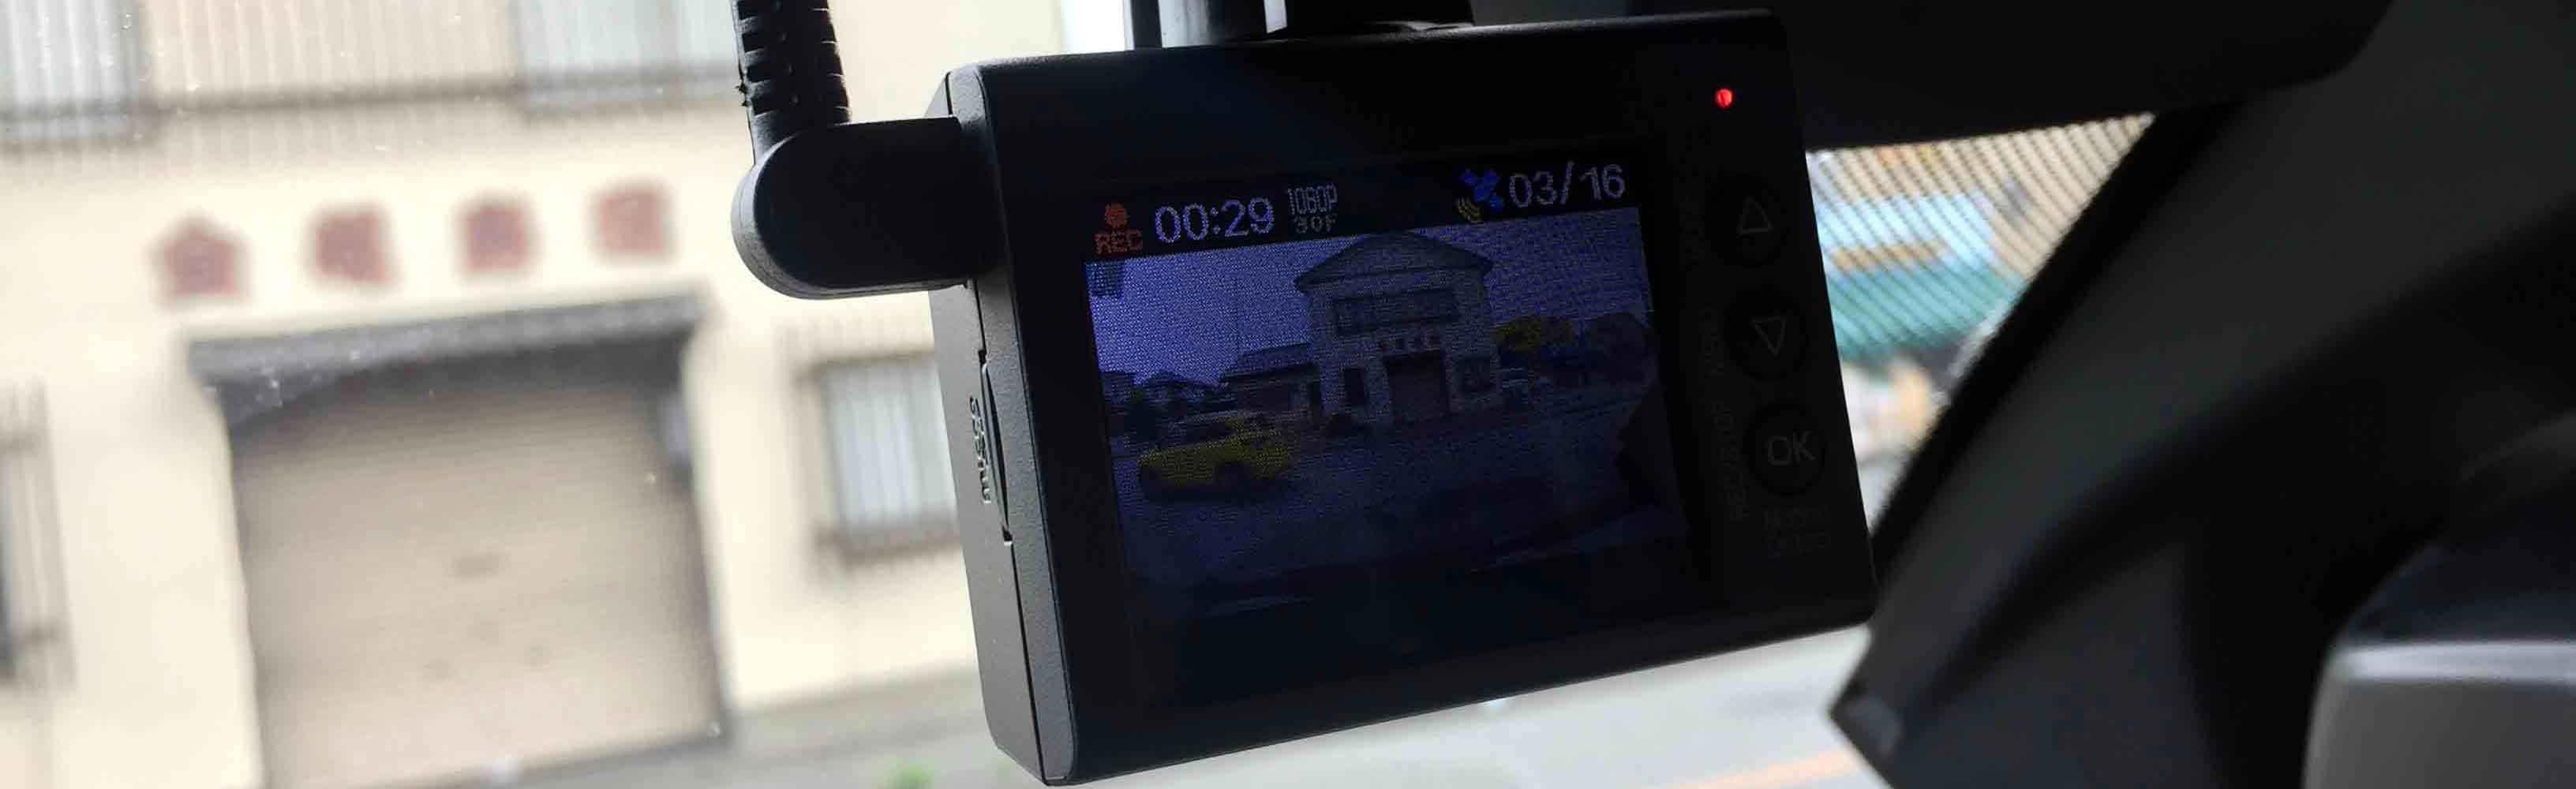 BMW X3-F25へユピテルドライブレコーダーをフロントガラスへ設置